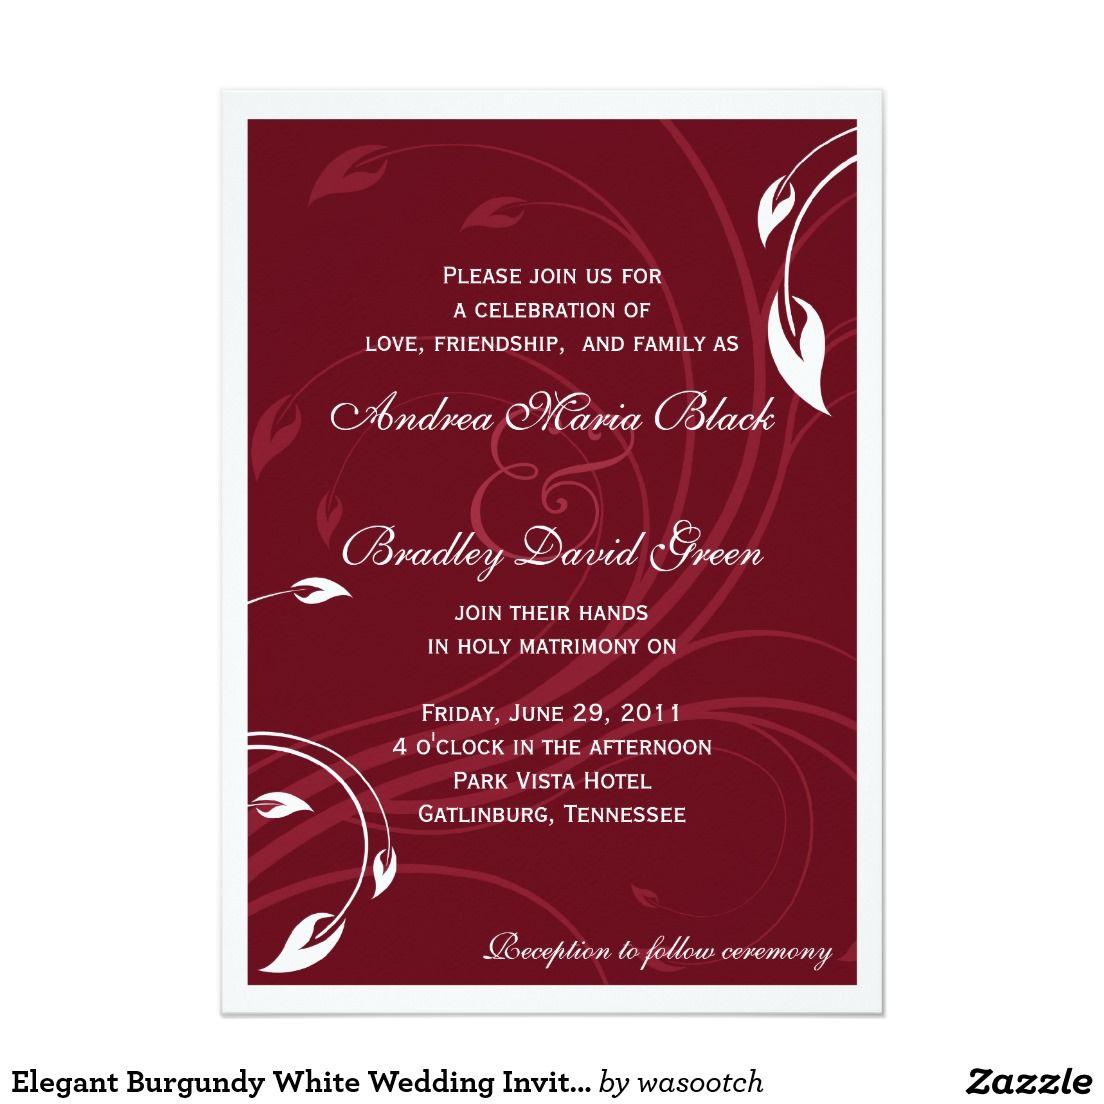 Elegant Burgundy White Wedding Invitation | Wedding, 7 and Invitations